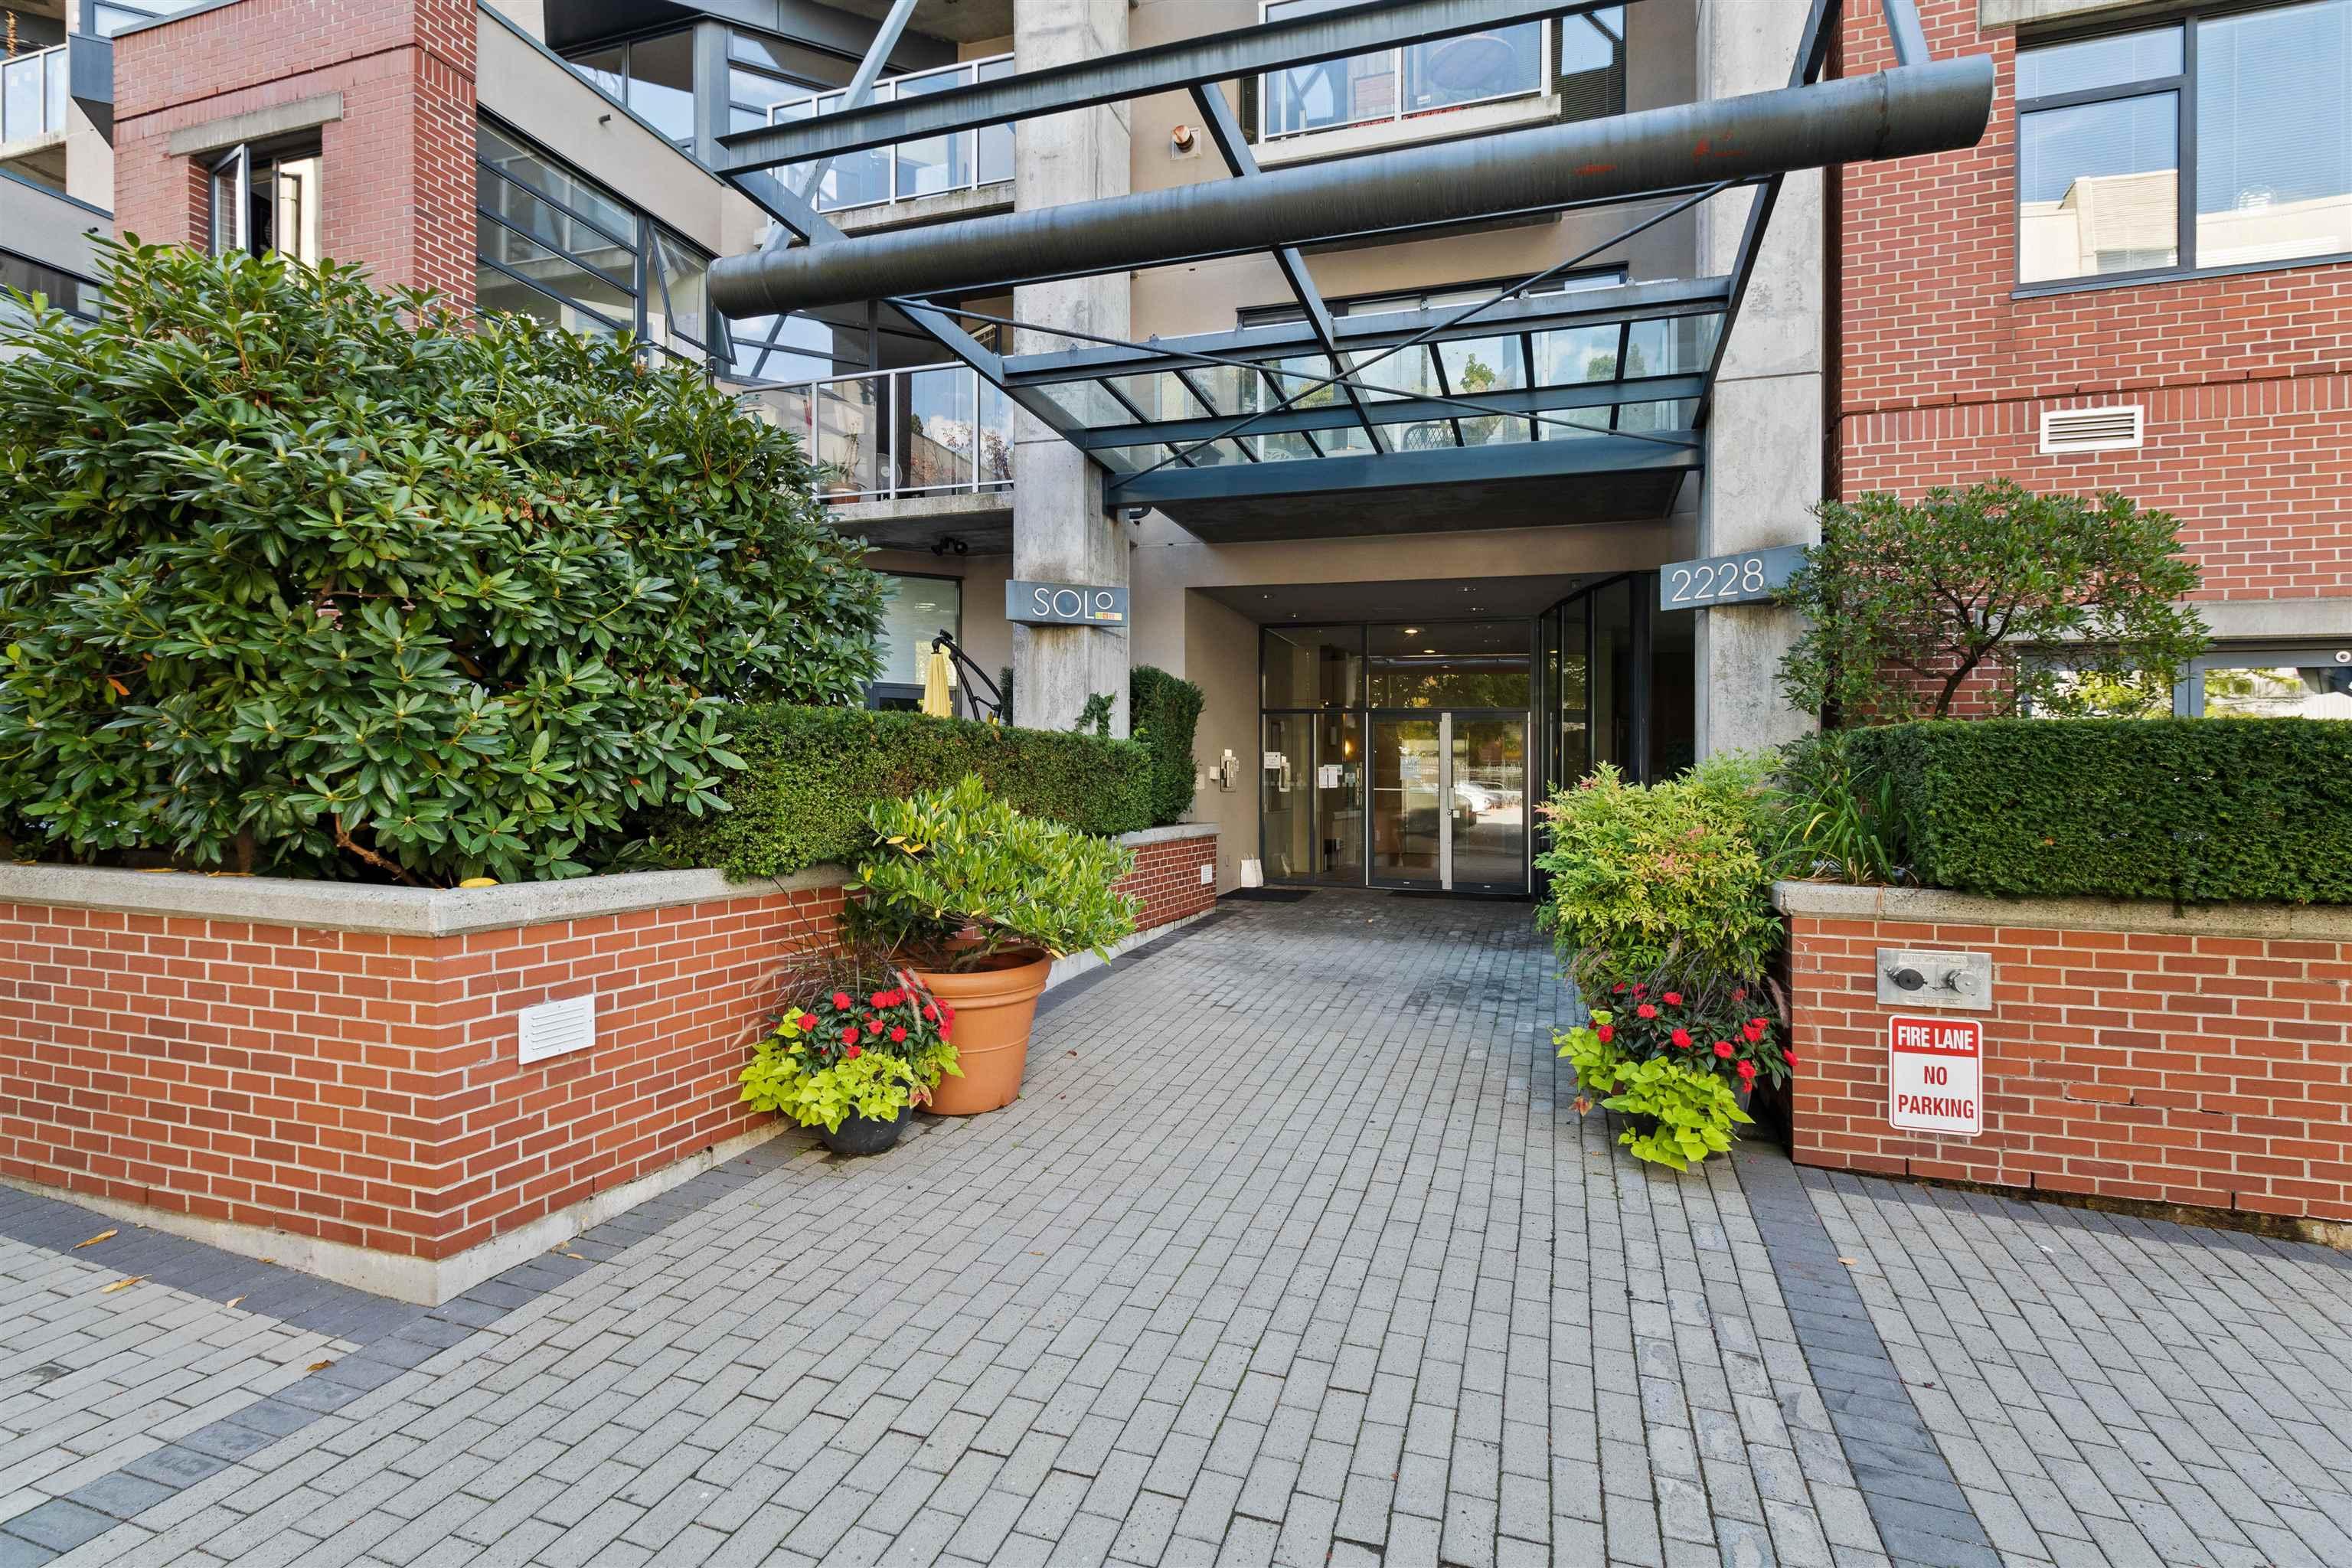 209 2228 MARSTRAND AVENUE - Kitsilano Apartment/Condo for sale, 1 Bedroom (R2617246) - #20